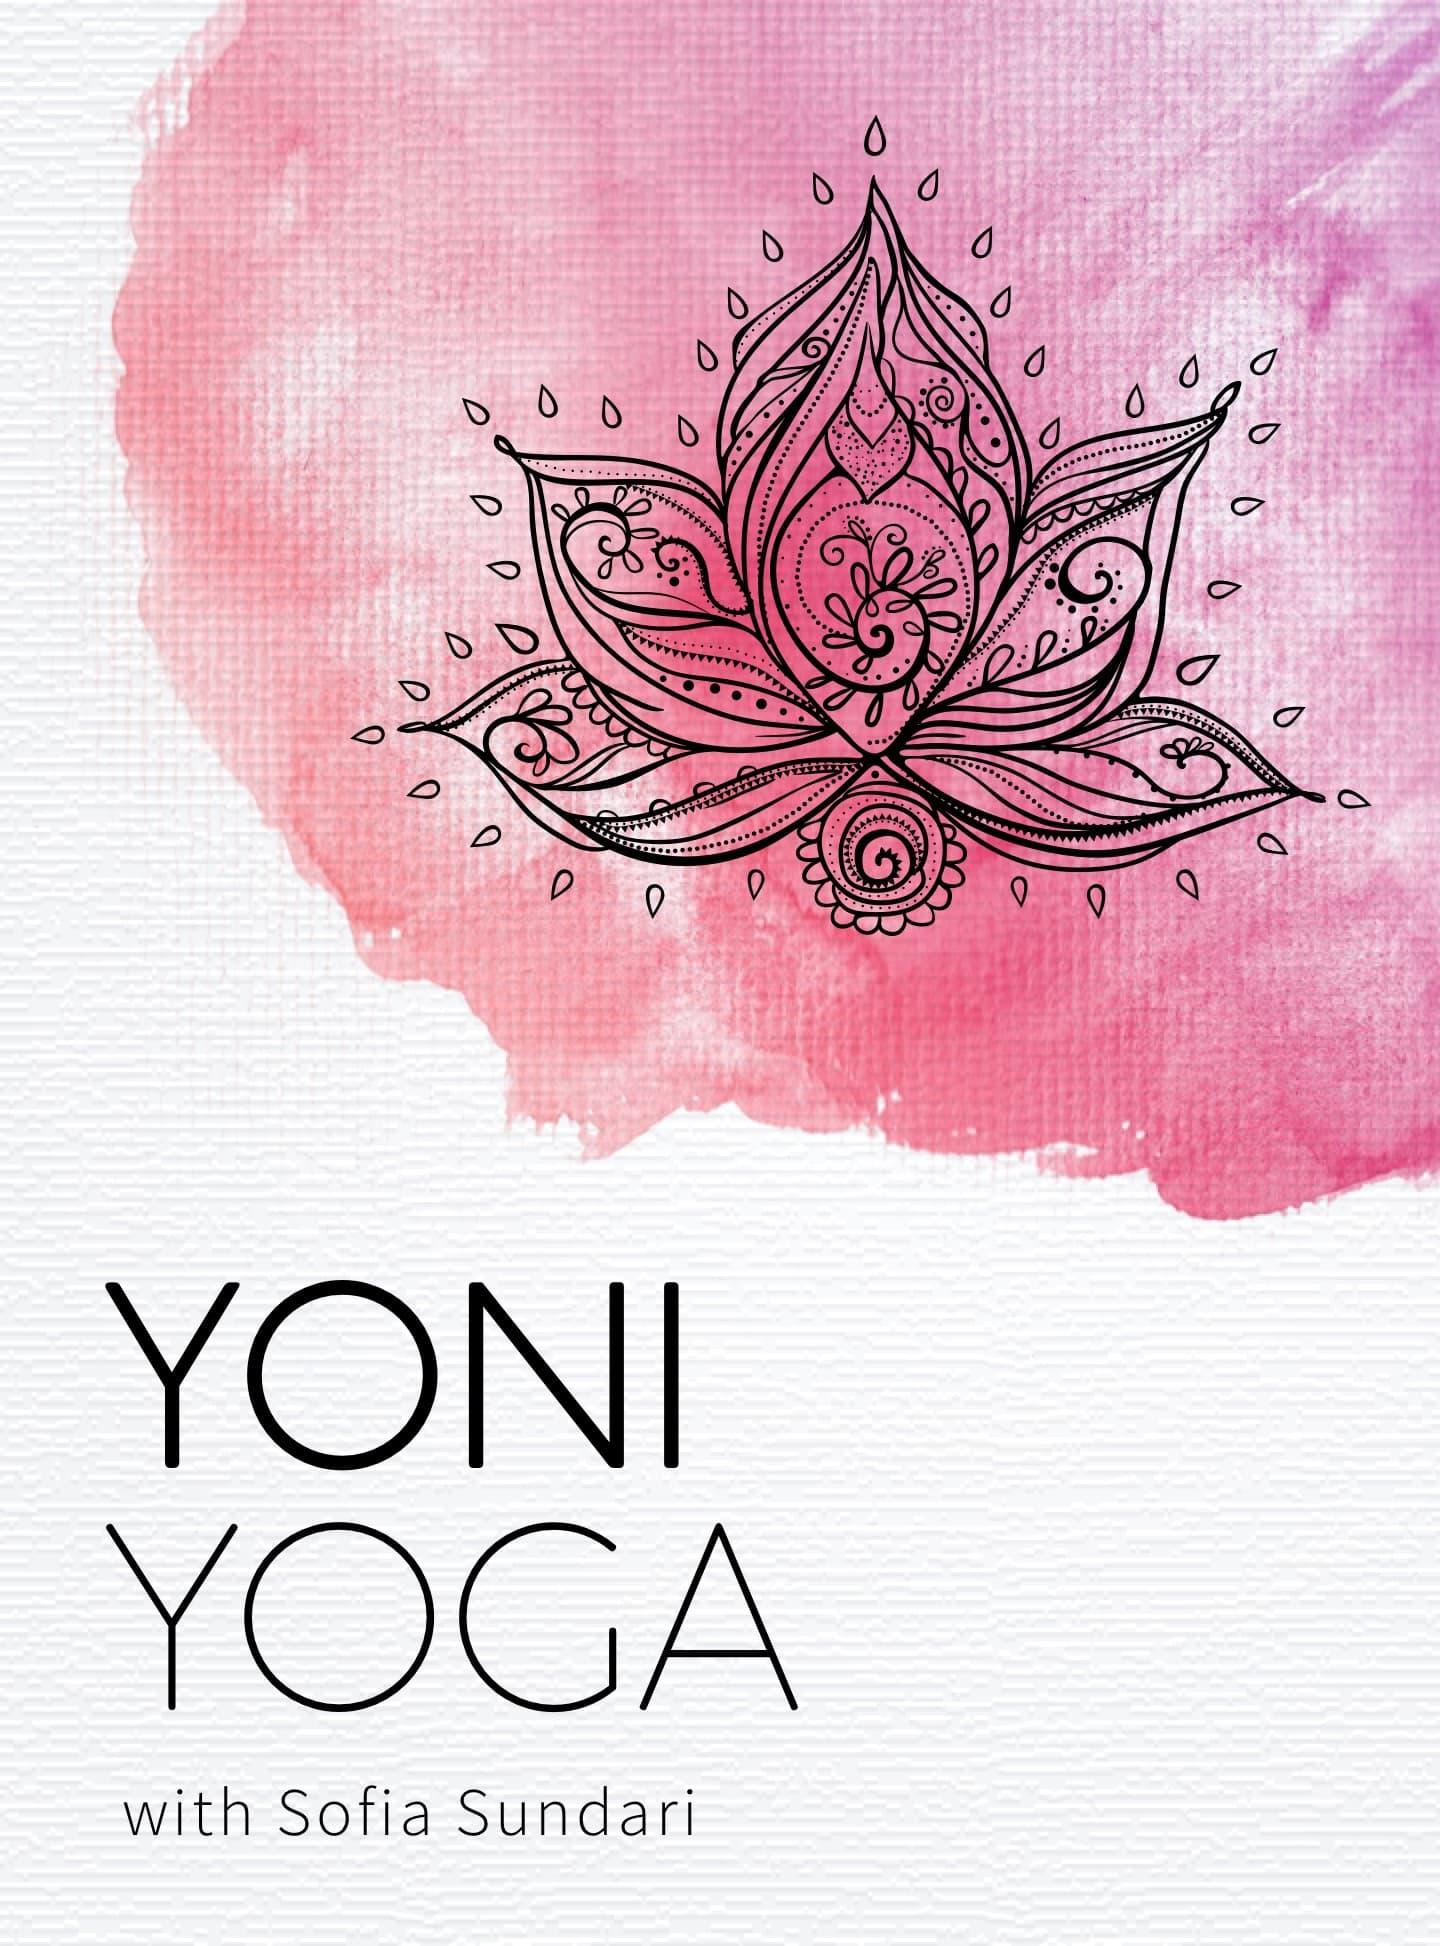 Yoni Yoga - Omooni